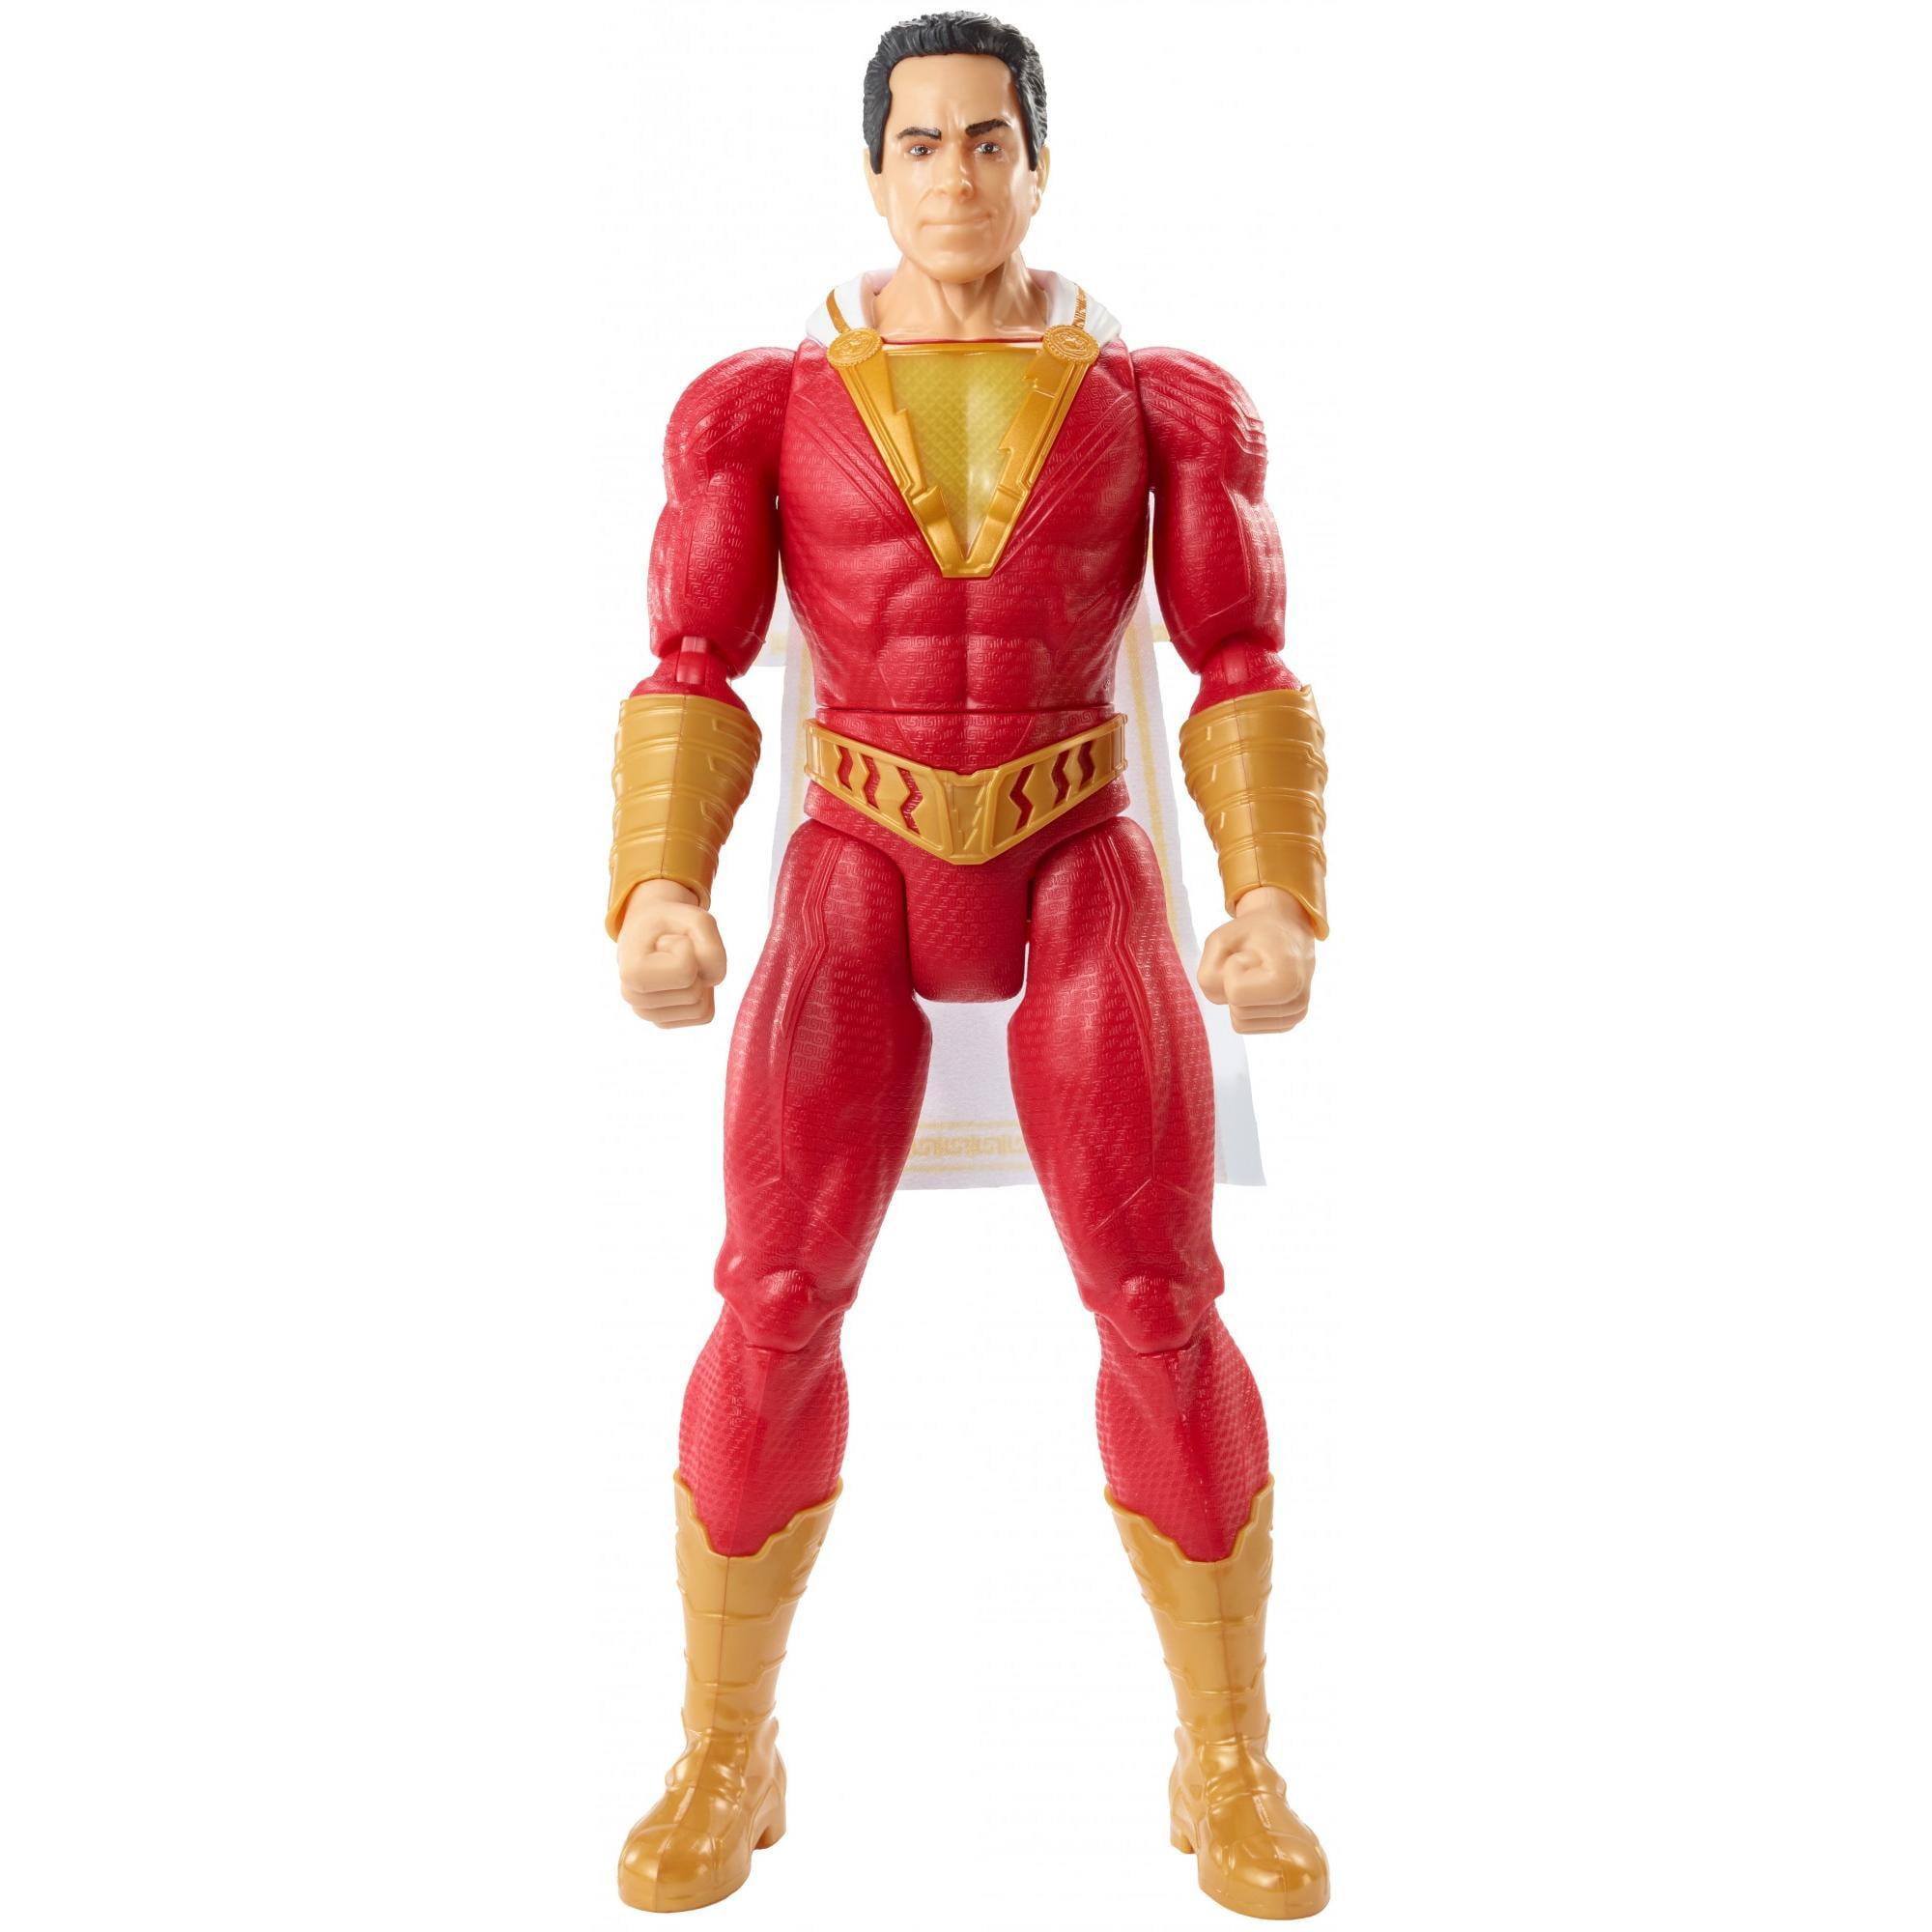 DC Comics Shazam! Thunder Punch Shazam! 12-Inch Action Figure